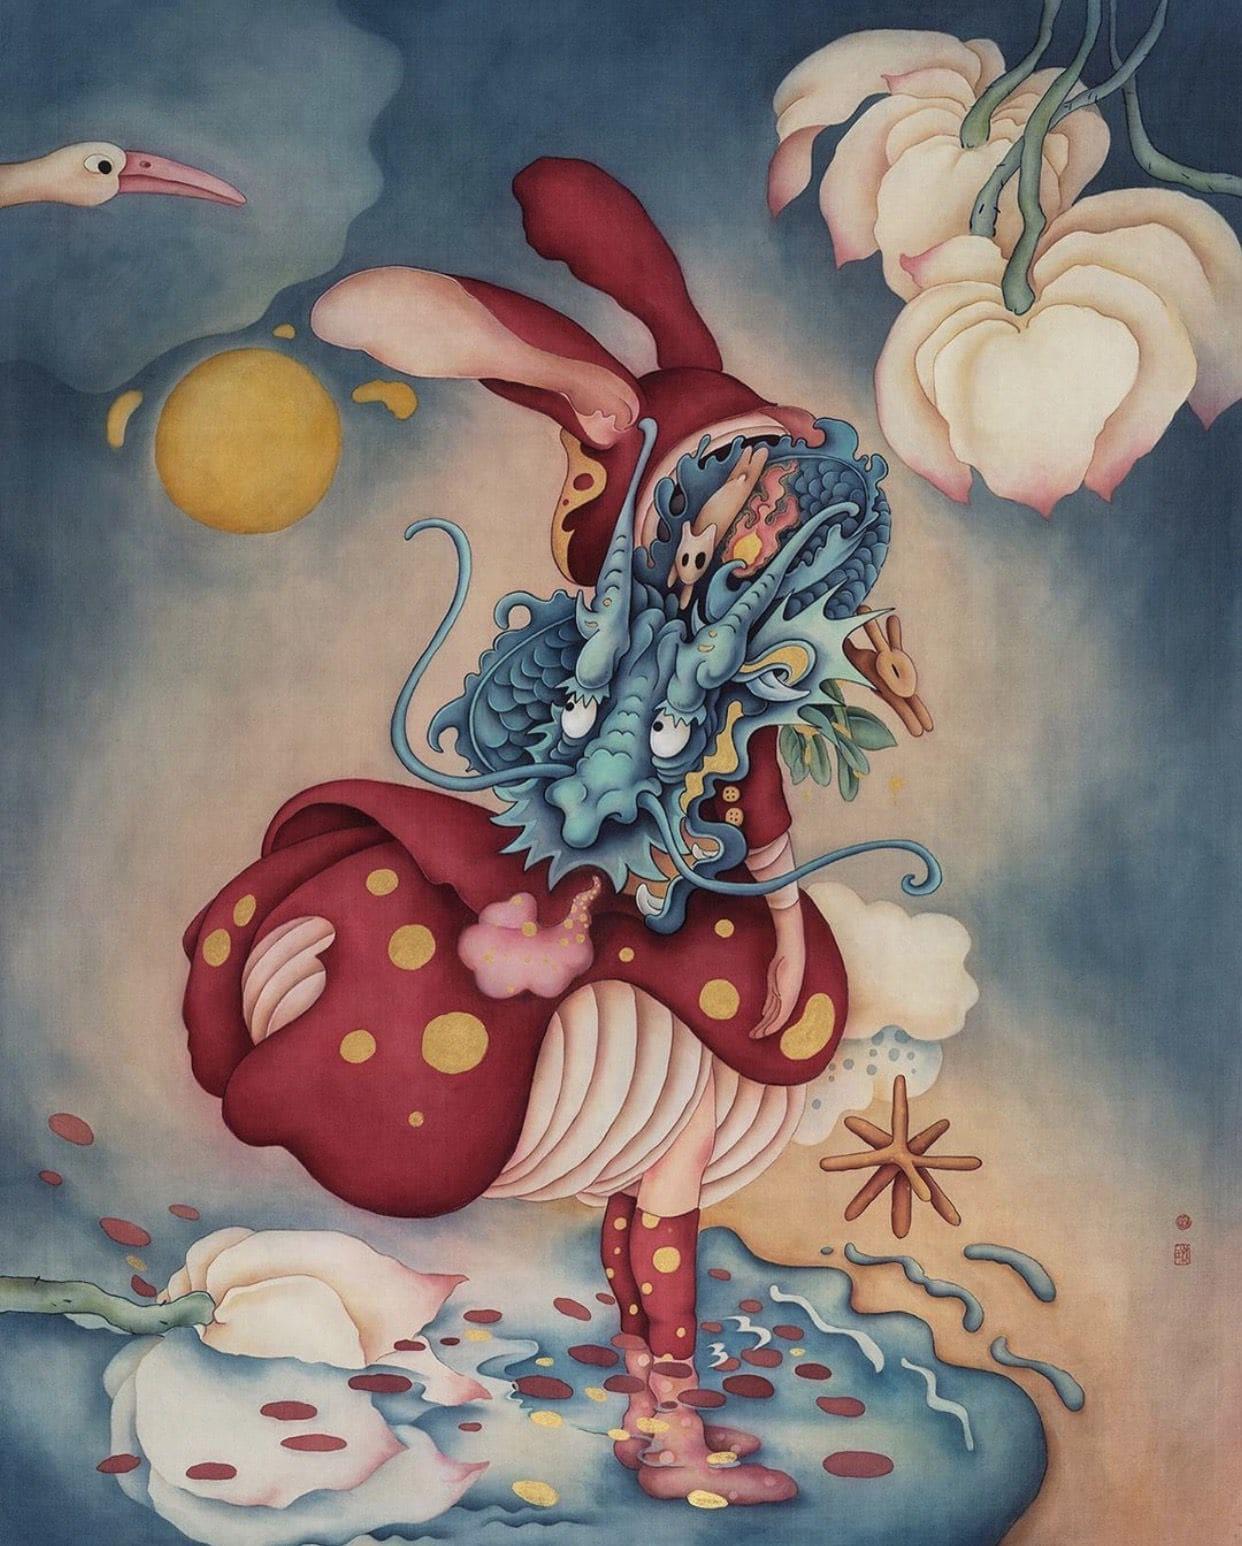 Artwork of Alice Lin - Artist of the Week